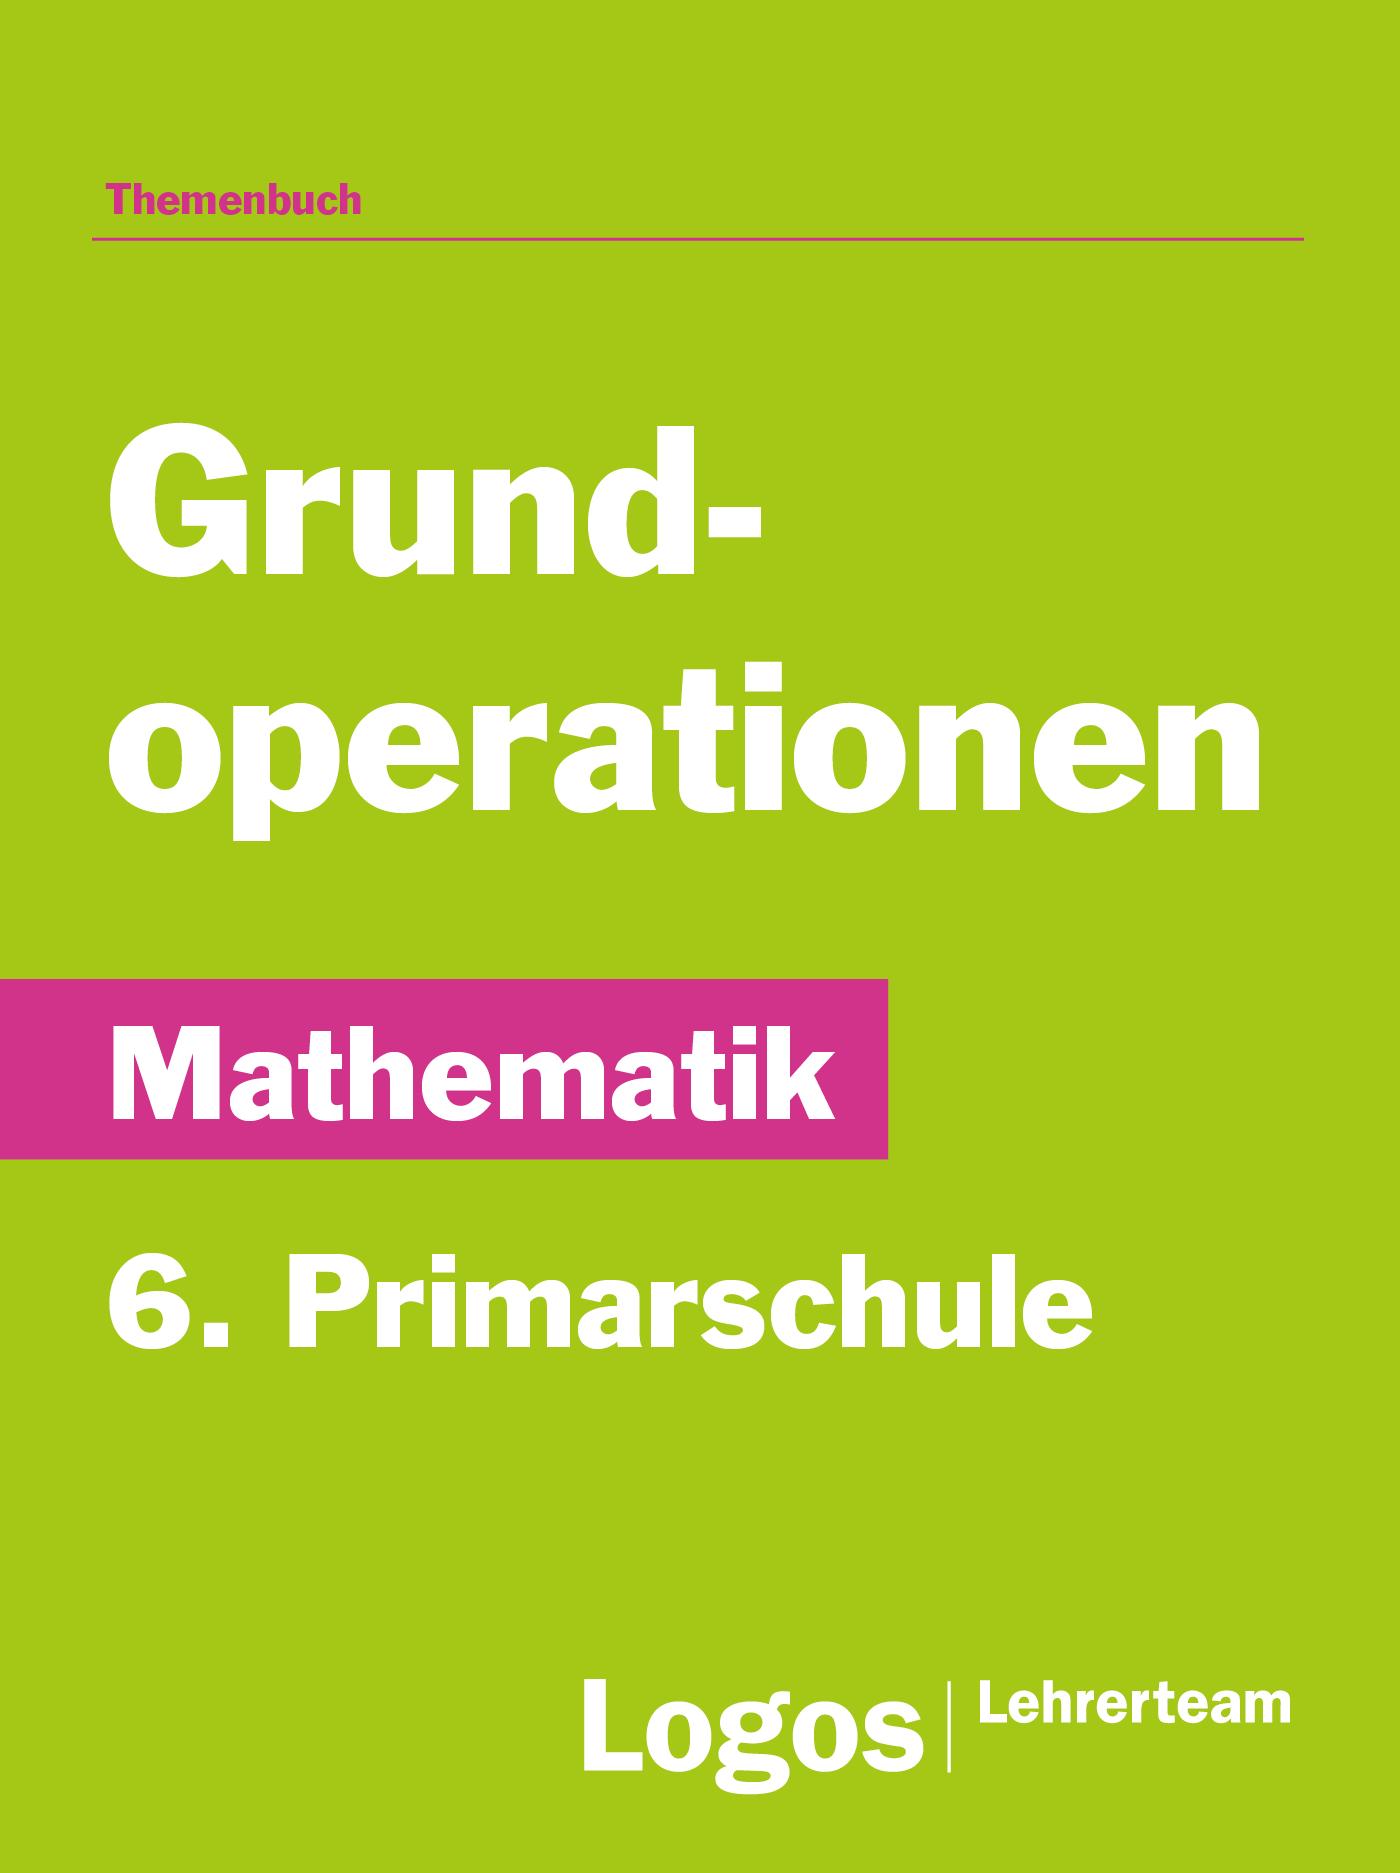 Mathematik Grundoperationen - Primar